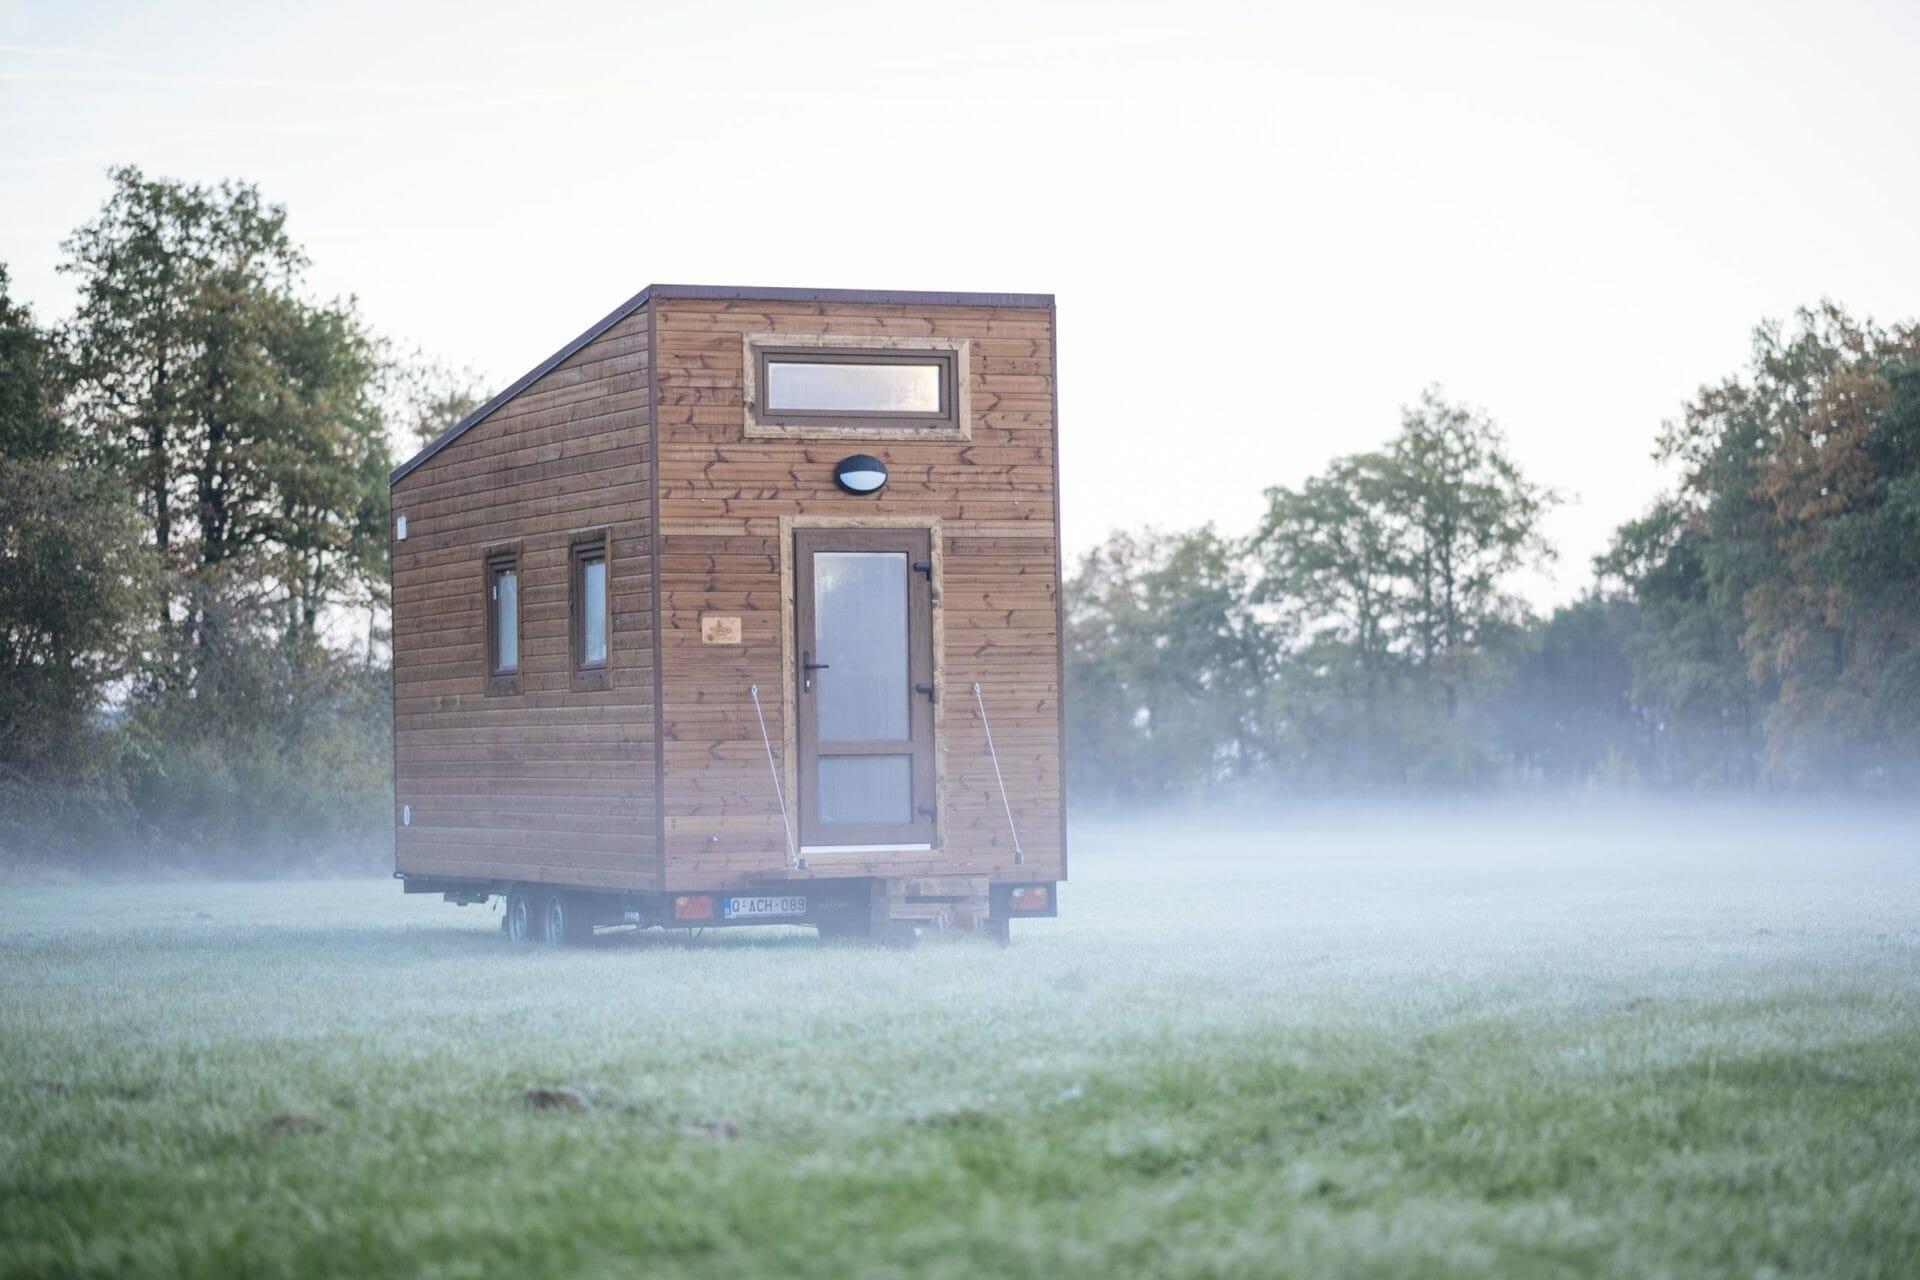 5,50m langes Tiny House auf einer Wiese, umgeben von Nebel